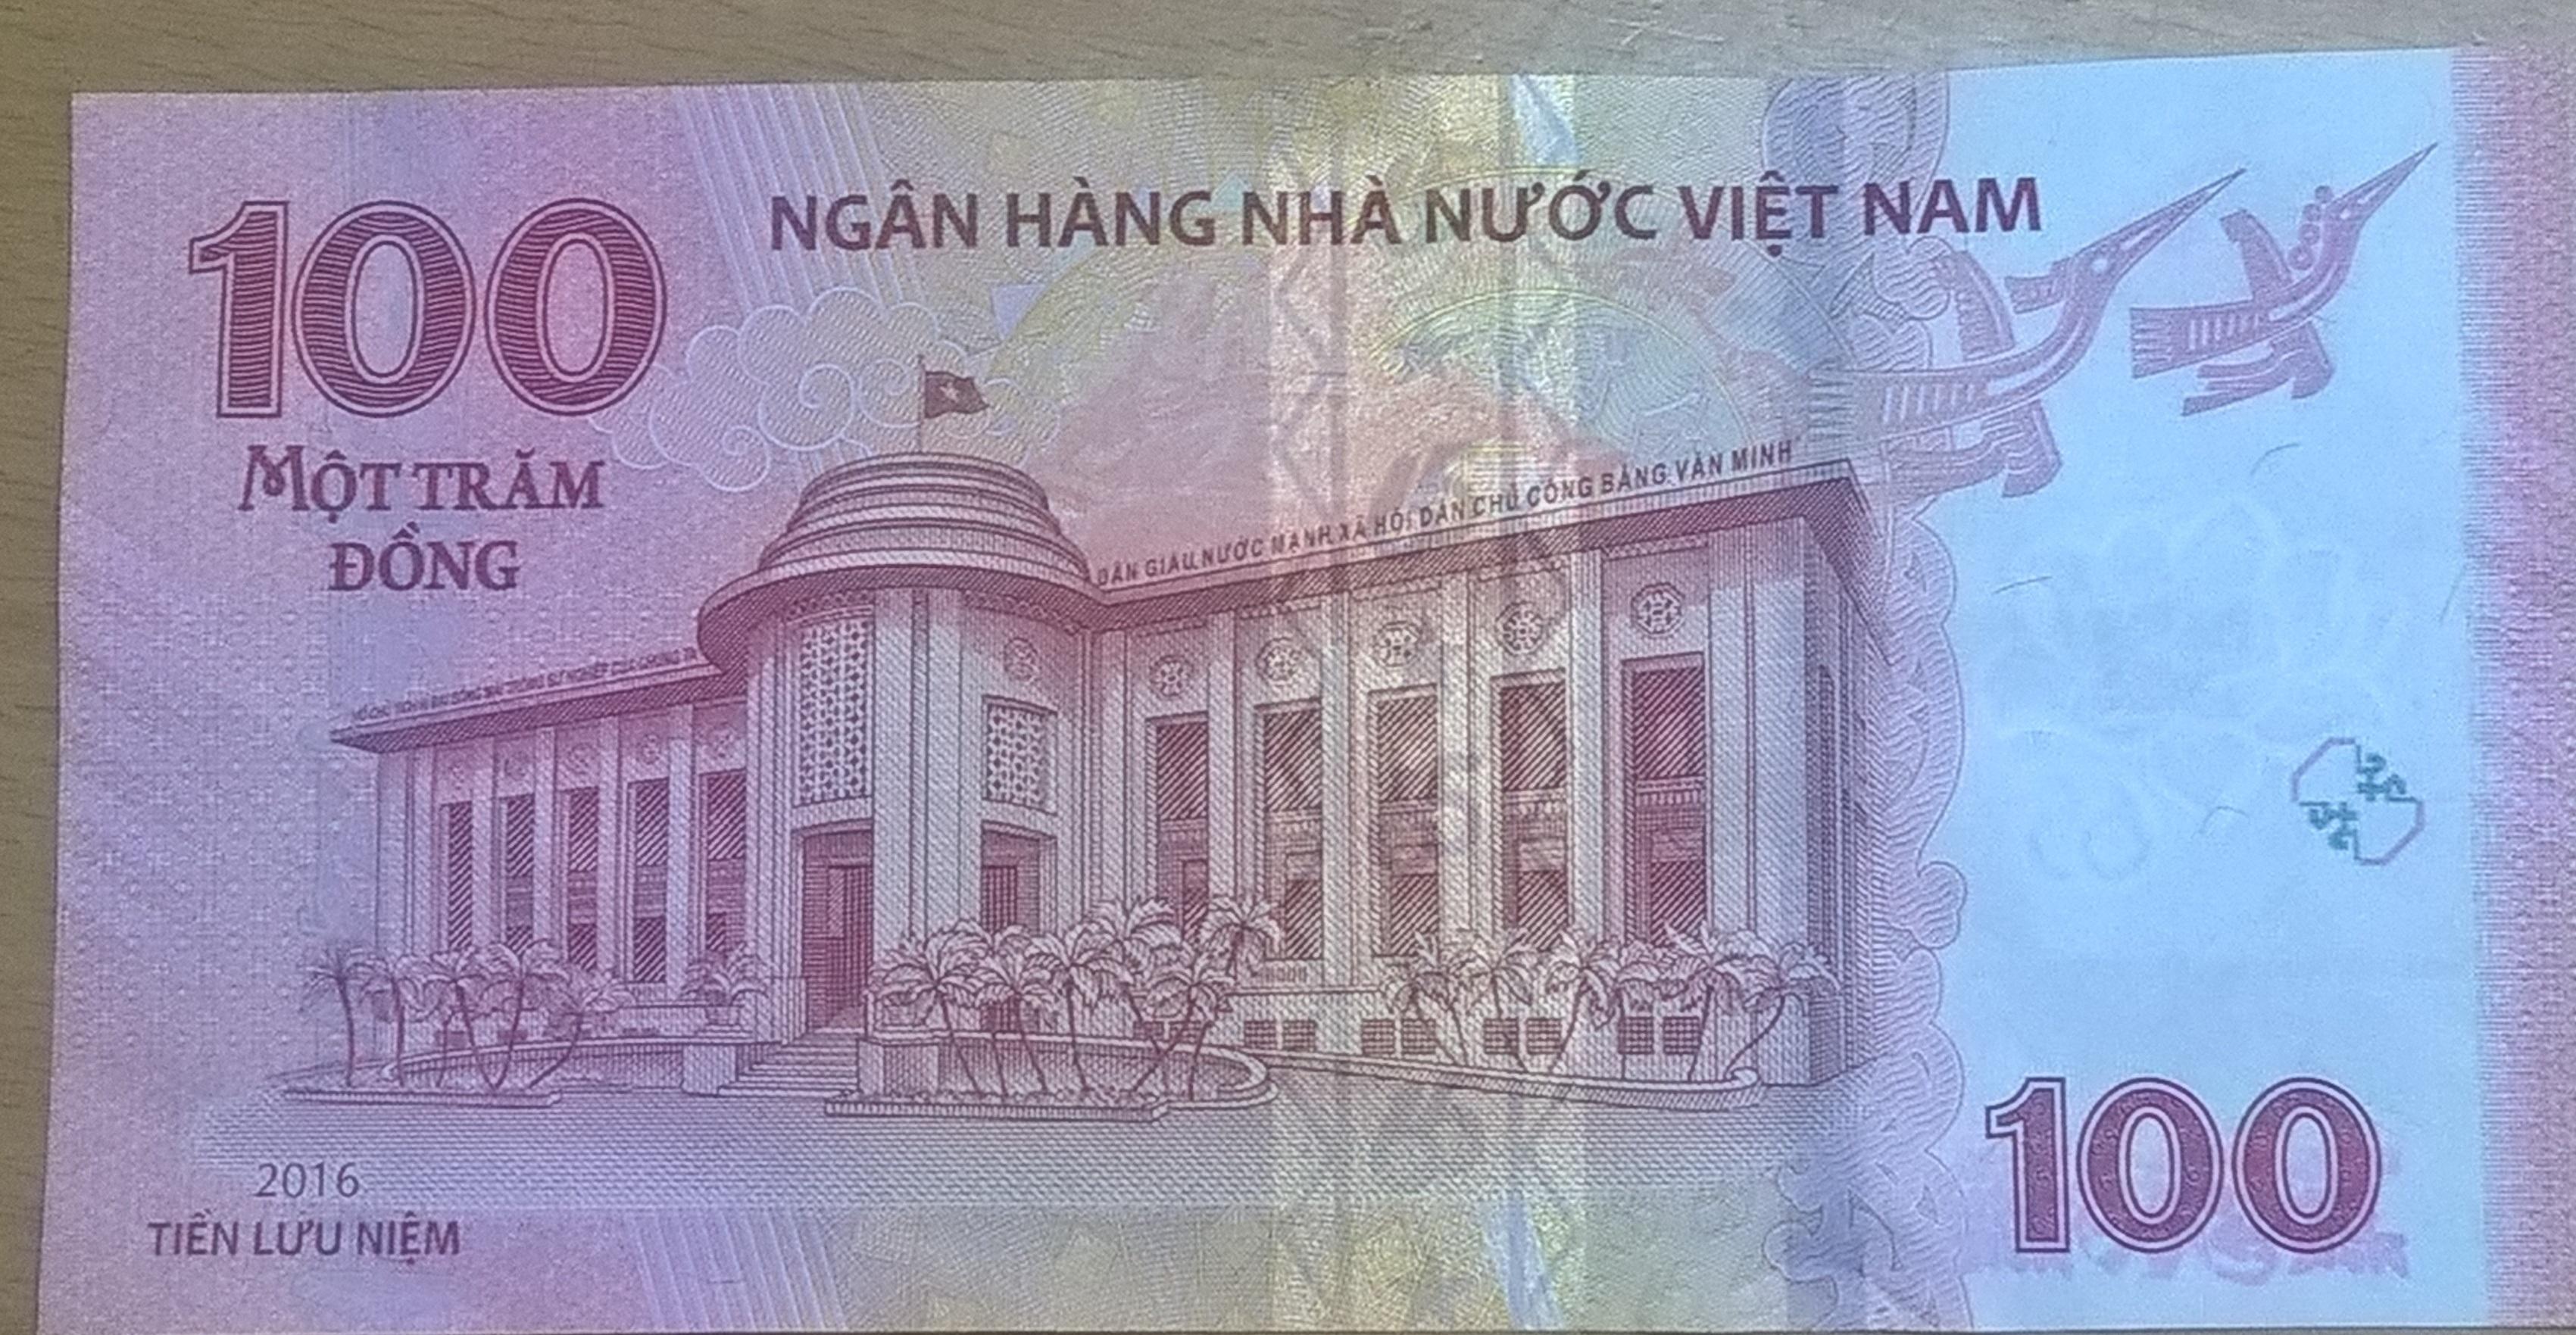 Mặt sau tiền lưu niệm 100 đồng